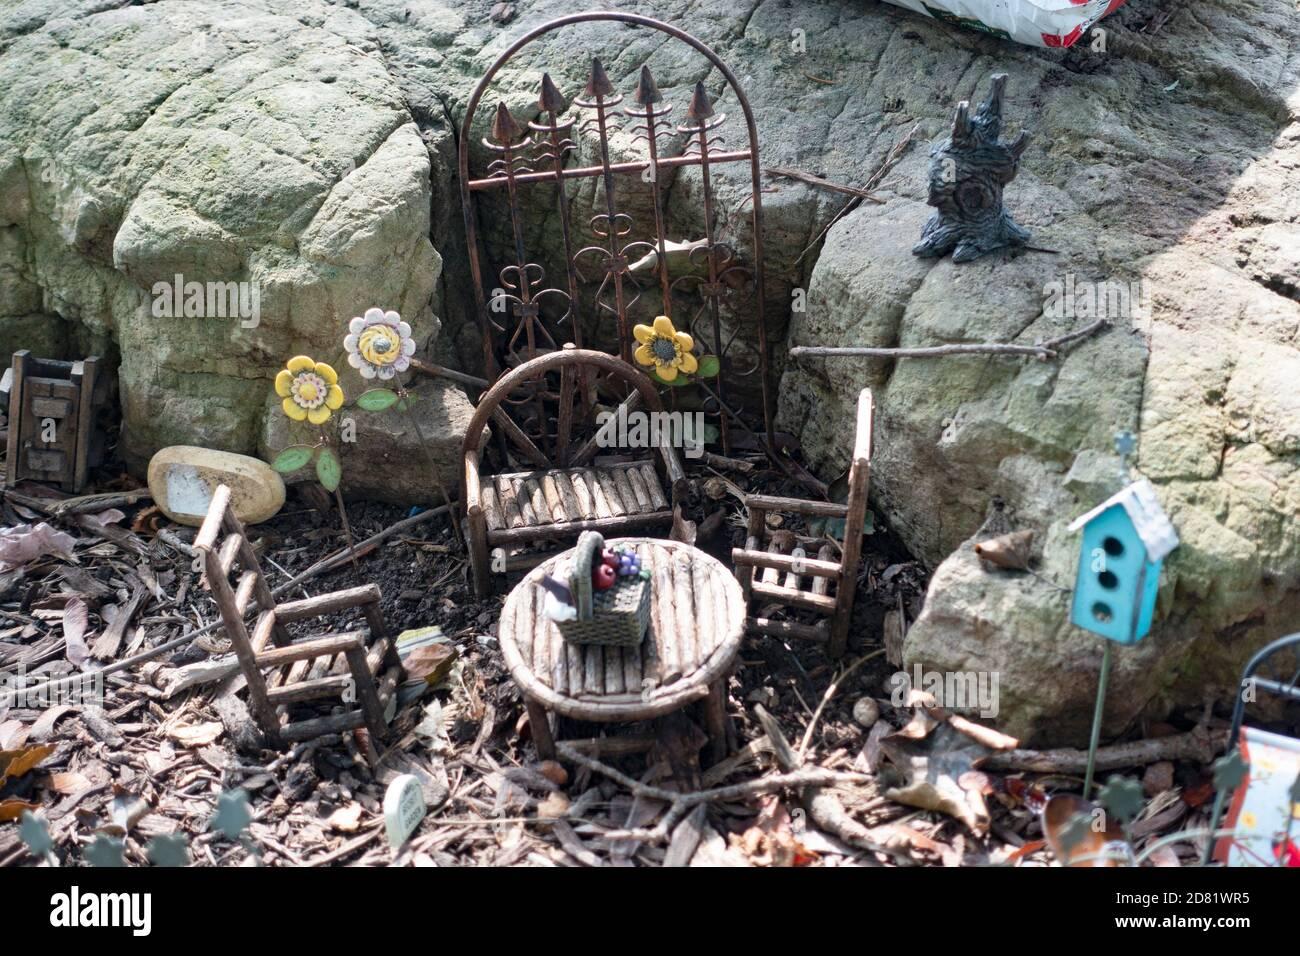 Zona pranzo esterna in miniatura simile a un hobbit con cancello al tunnel interno. Downers Grove, Illinois, Stati Uniti Foto Stock